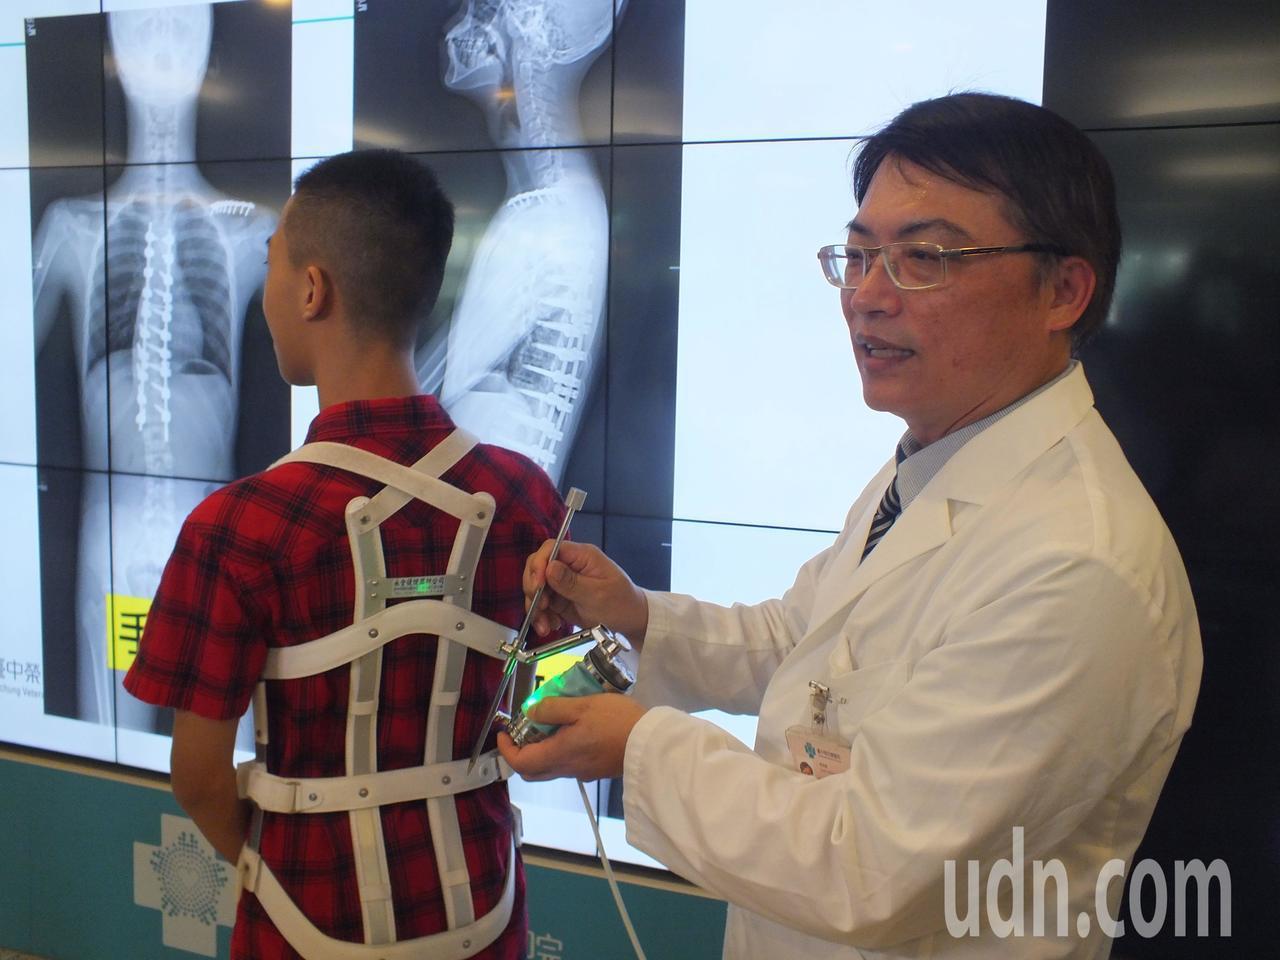 13歲鄭姓國中男學生(左)經接受機械手臂手術後,脊椎側彎矯正至17度,背也不痛,...